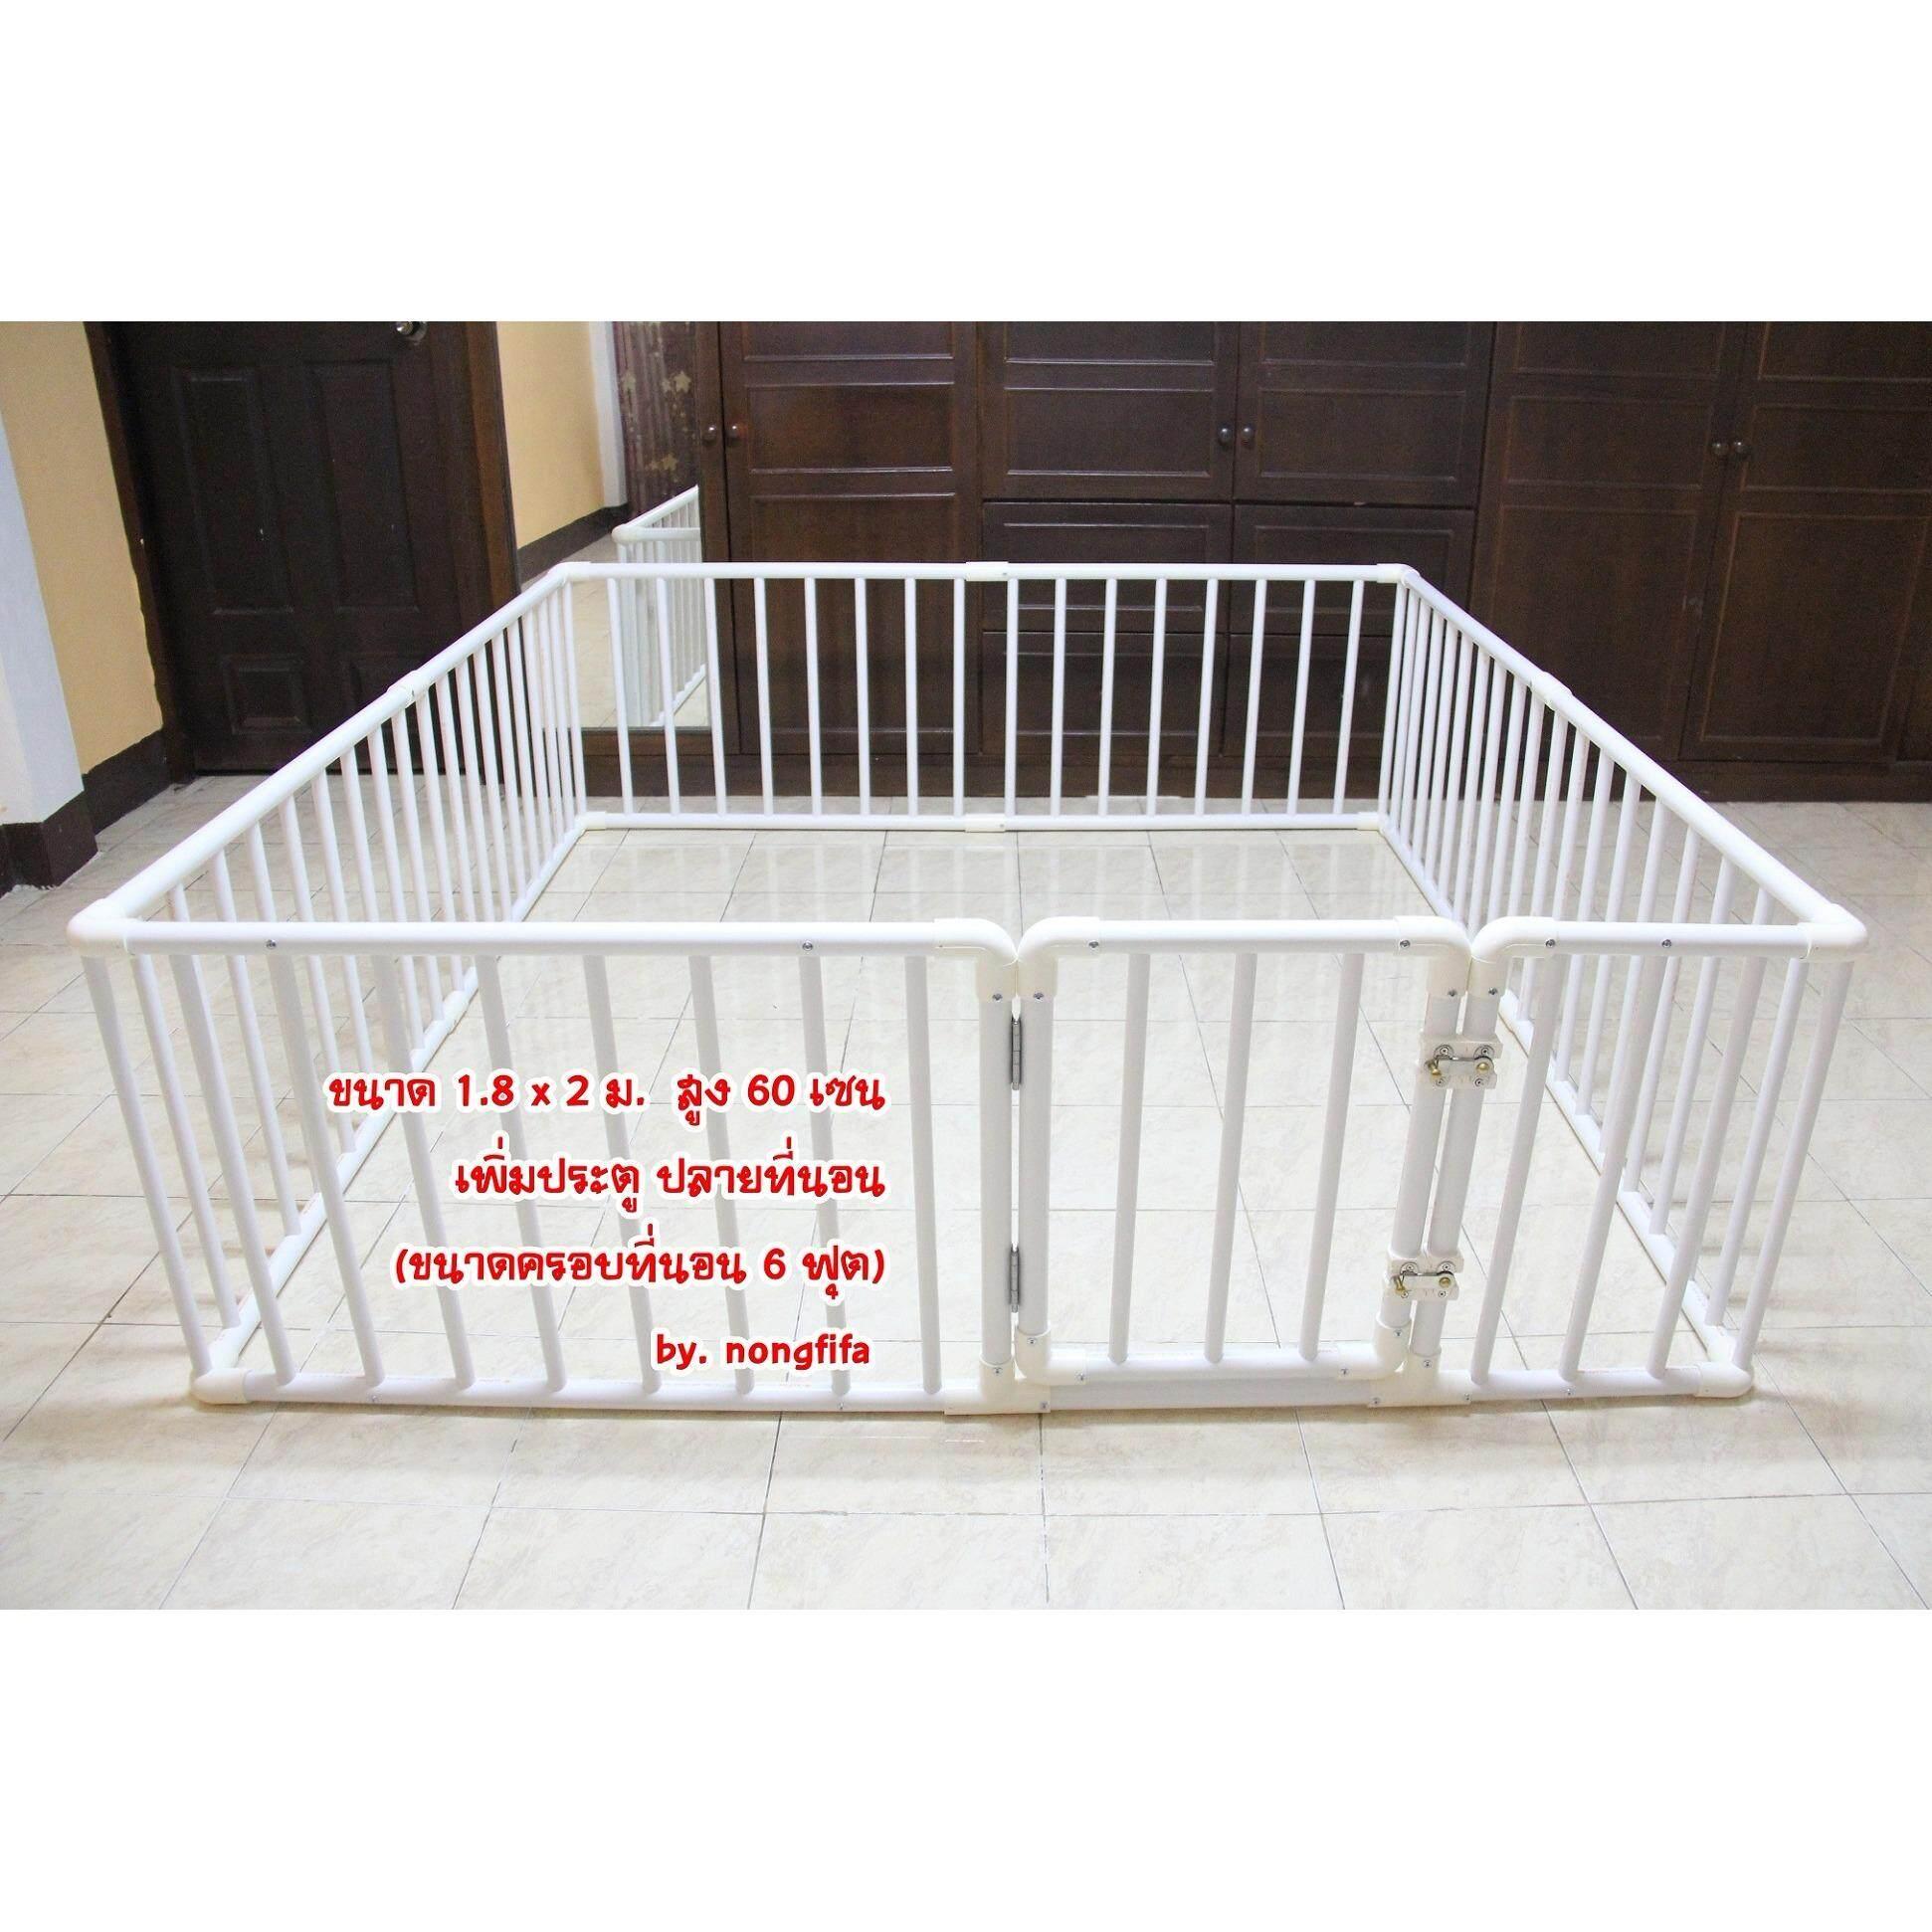 ซื้อ คอกกั้นเด็ก 6ฟุต สูง 60เซน เพิ่มประตู ด้านปลายที่นอน เปิดขวา (ขนาด 180x200cm สูง 60cm มีประตู ด้าน 1.8ม. เปิดขวา) รีวิว ของแท้